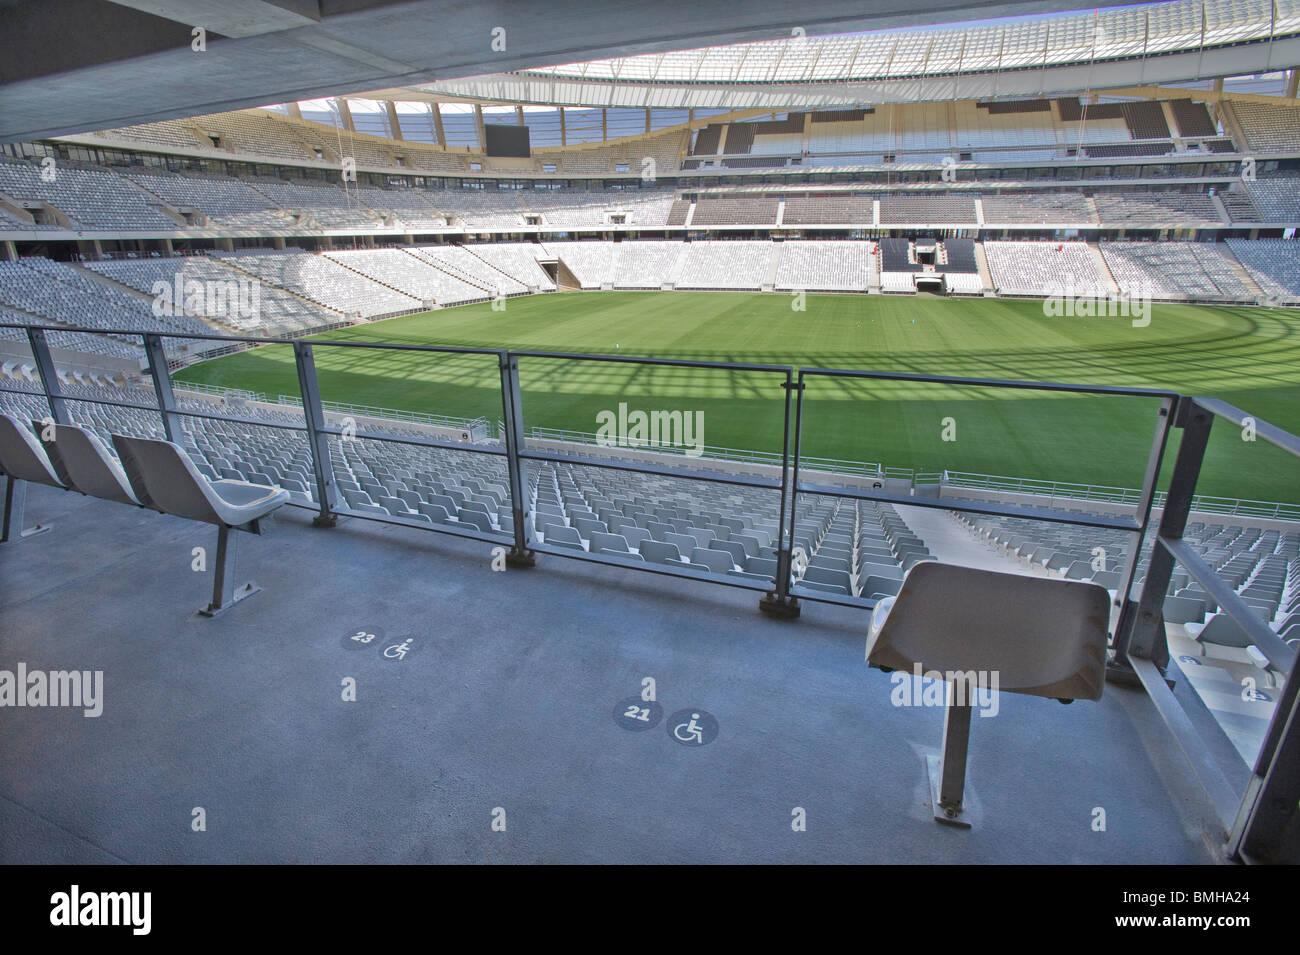 Stadio Green Point, posti a sedere per gli utenti di sedia a rotelle, Cape Town, Sud Africa Immagini Stock